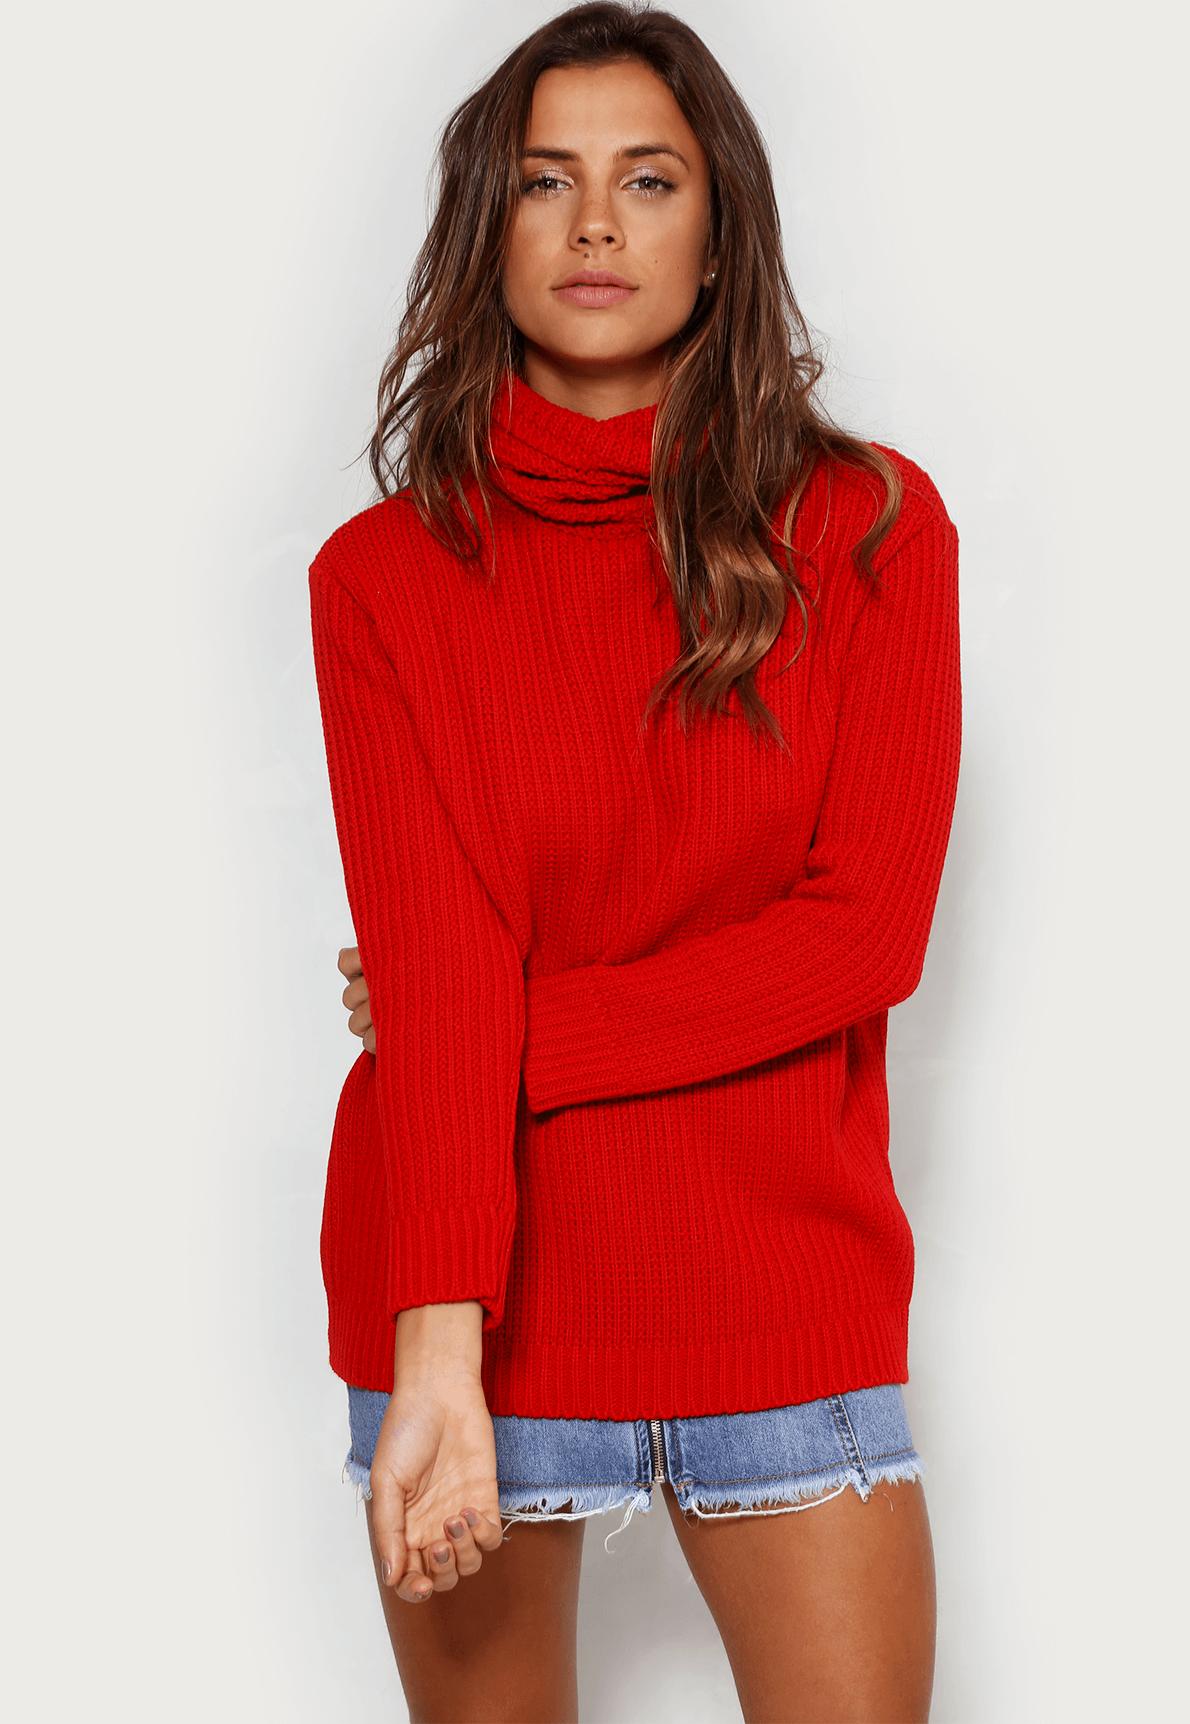 20522-trico-rumi-vermelho-mundo-lolita-02